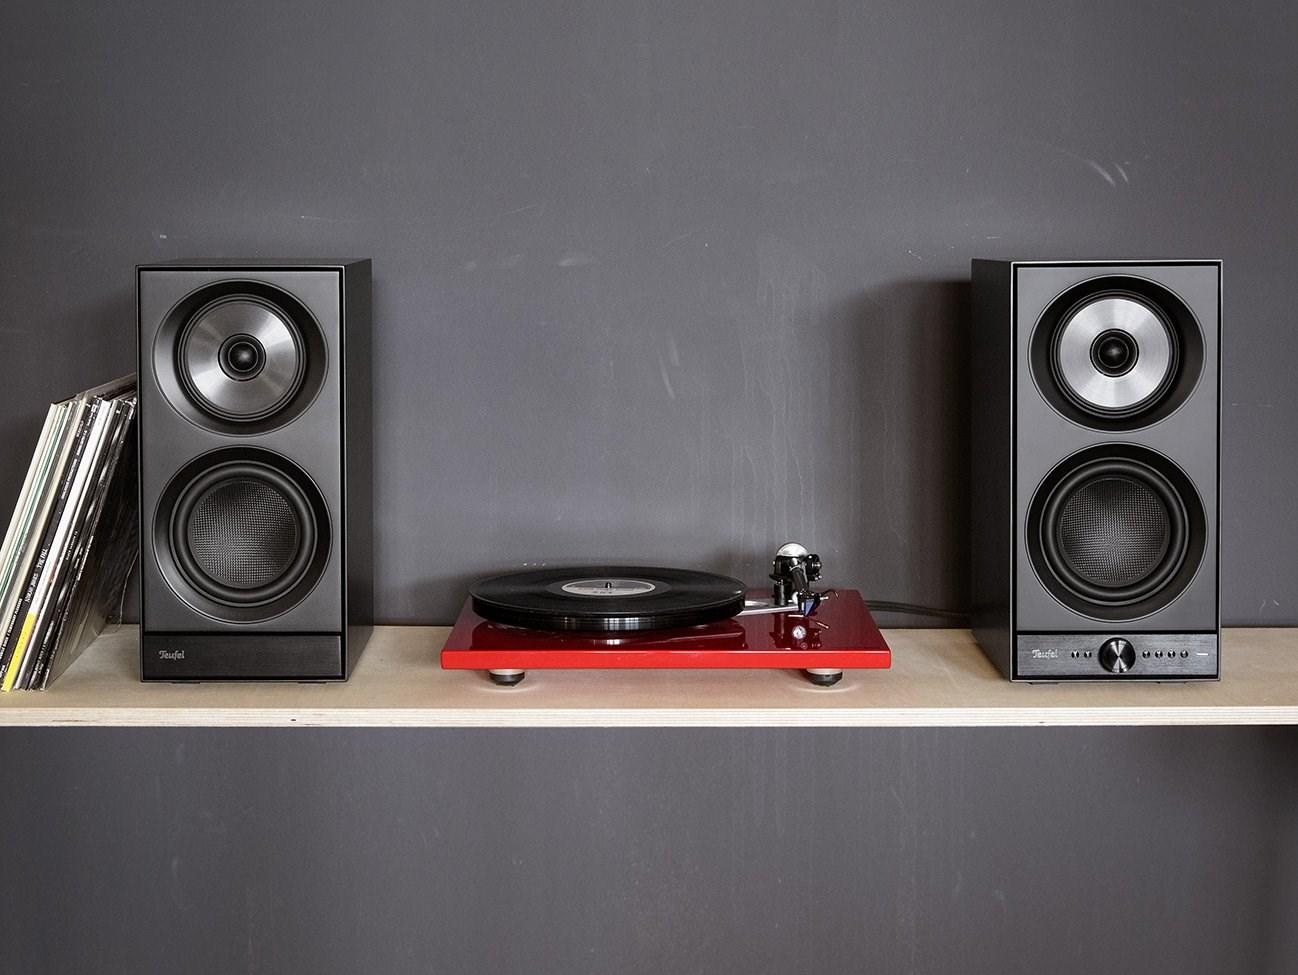 STEREO-M-Lautsprecher und Plattenspieler